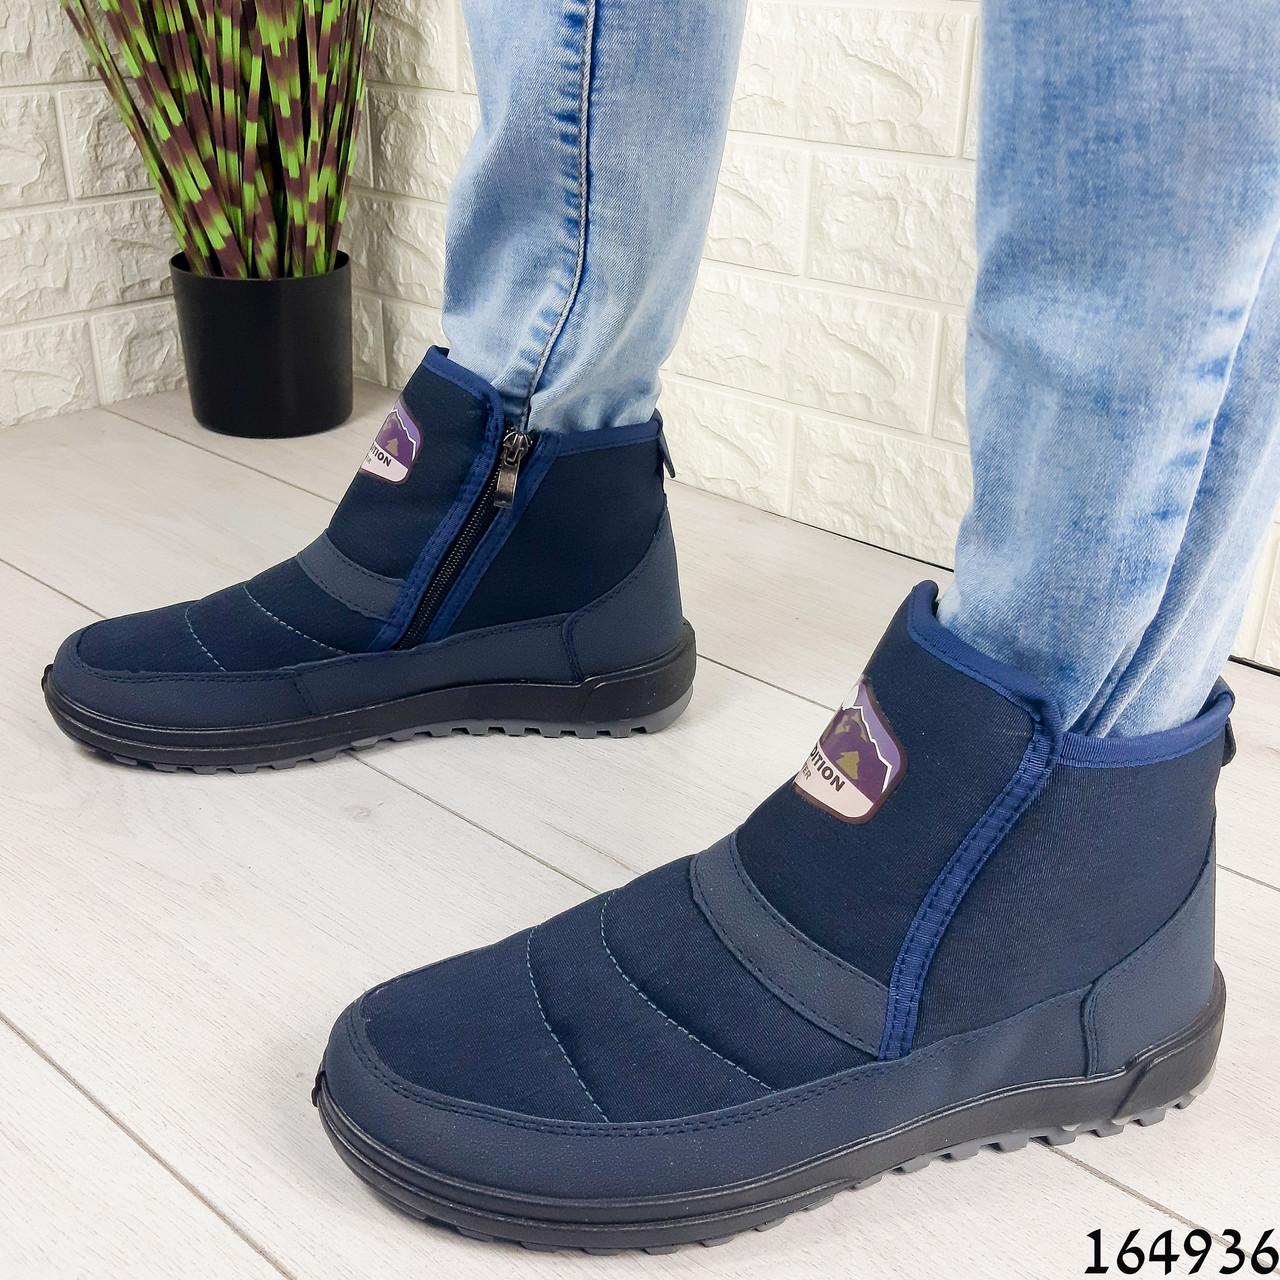 Ботинки мужские ЗИМНИЕ синие из текстиля, внутри густой эко мех